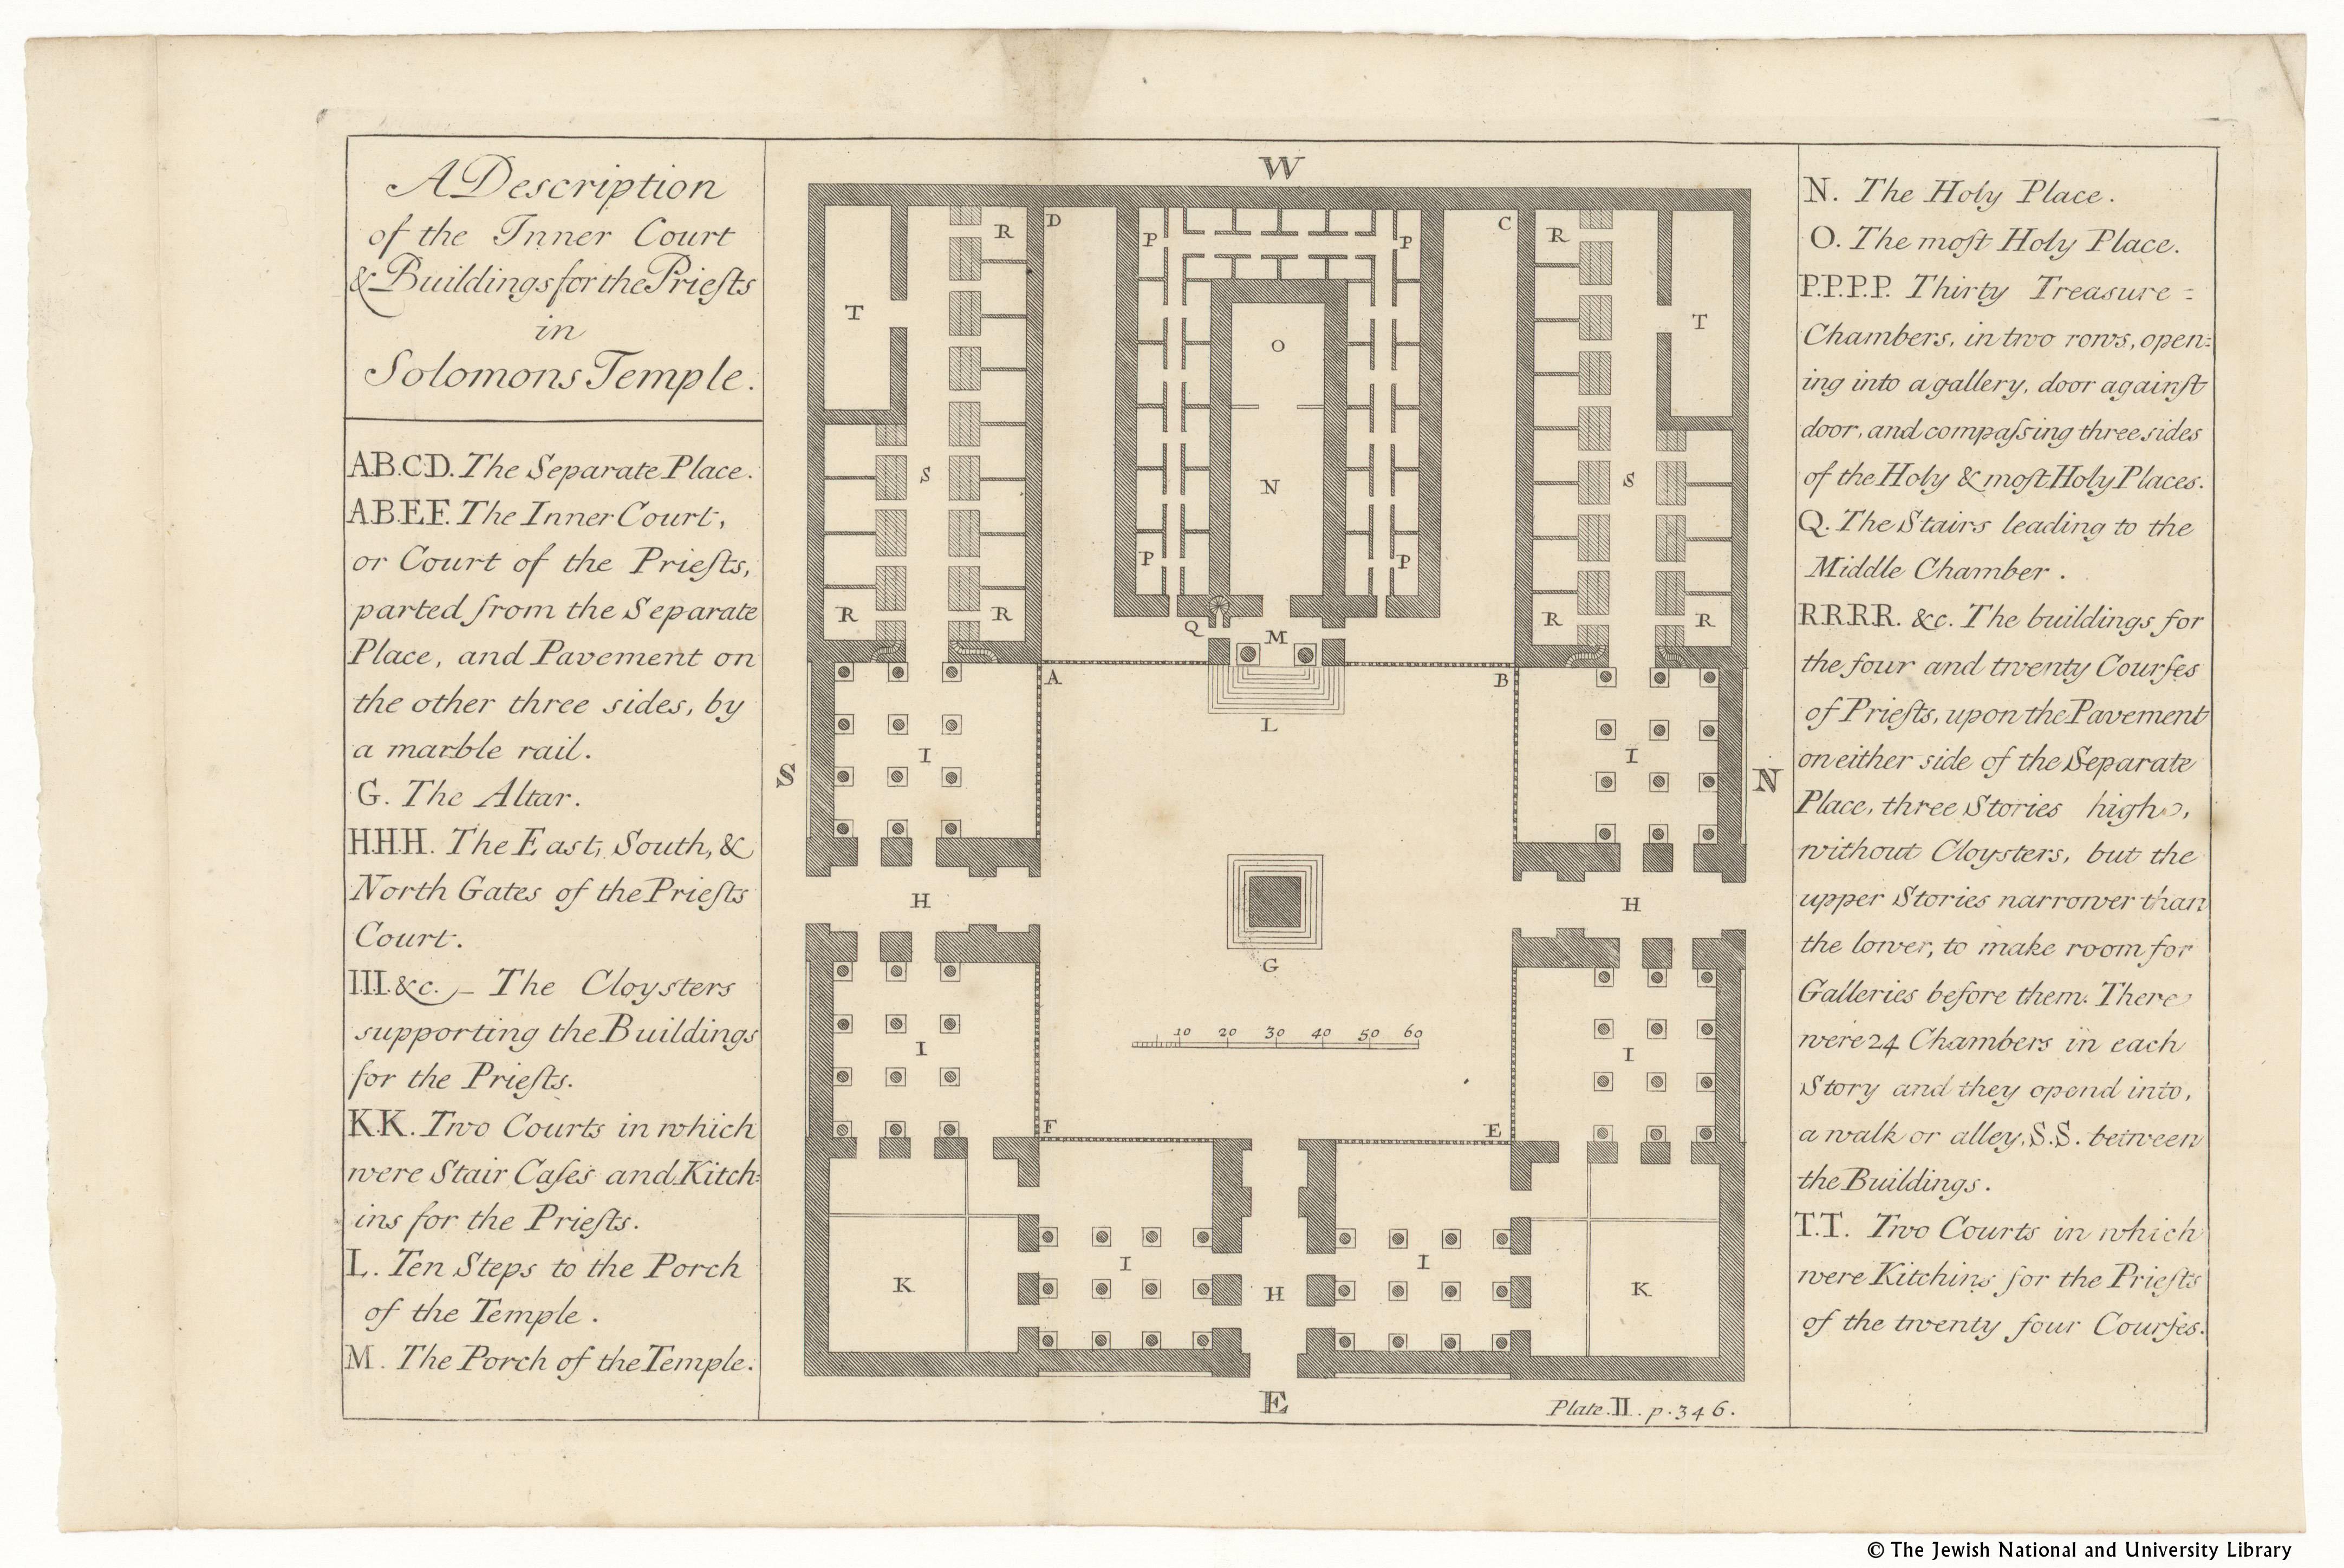 הכרונולוגיה המתוקנת של ממלכות עתיקות - מקדש שלמה